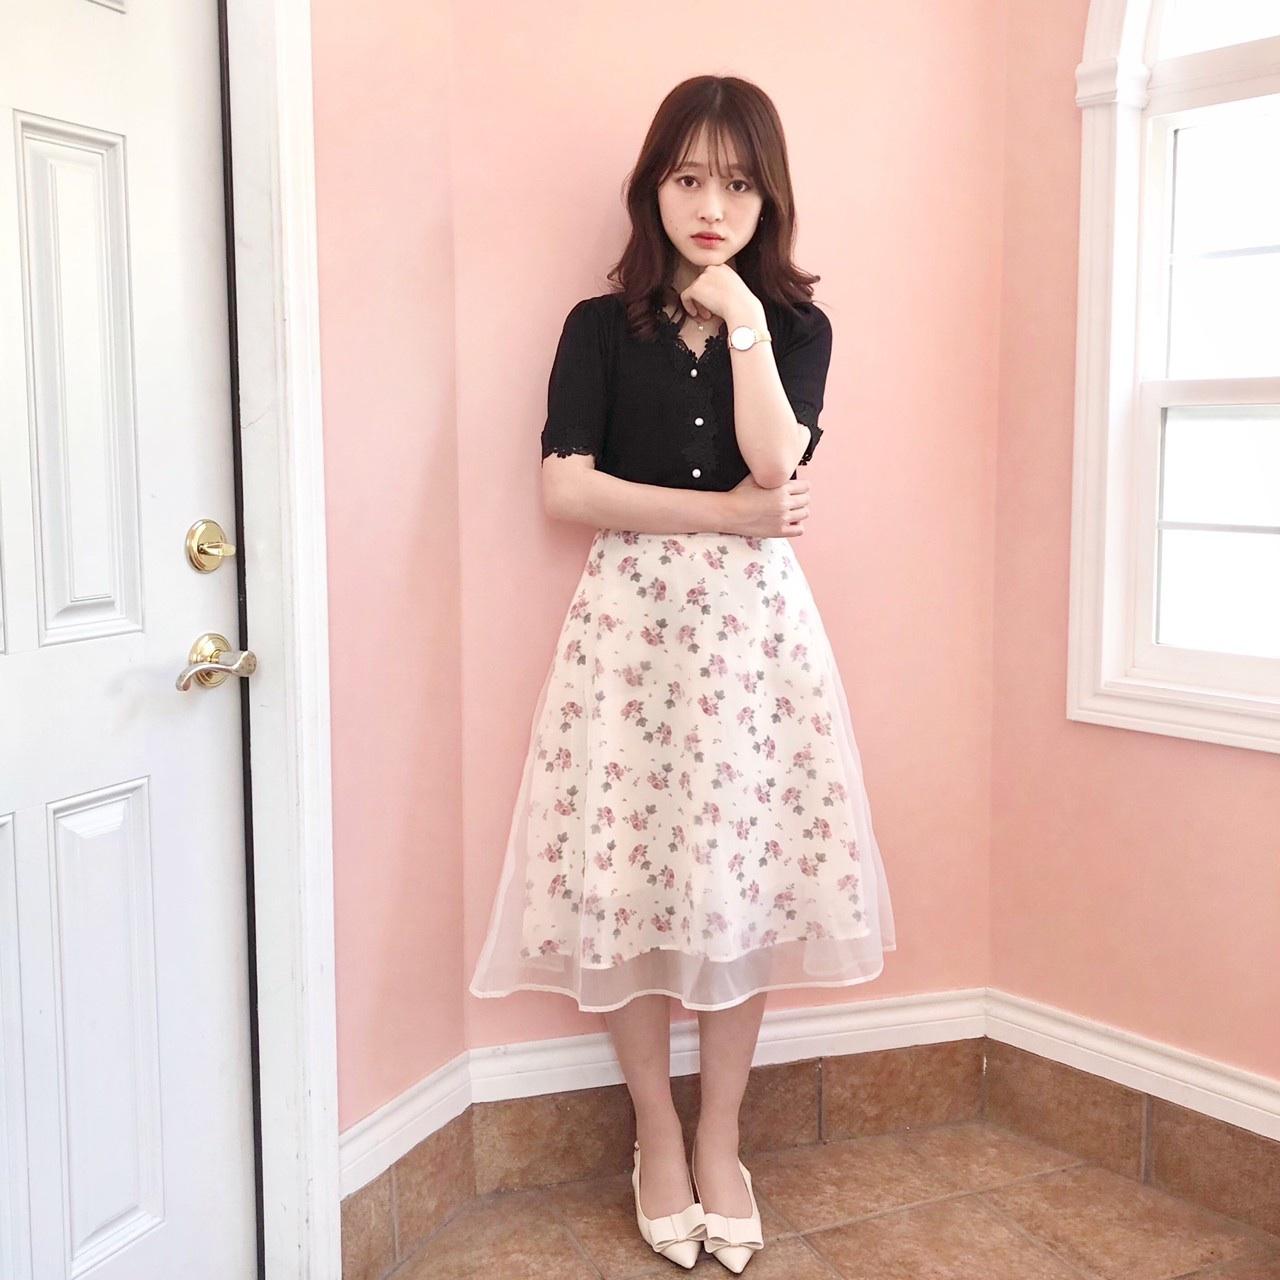 【Fluffy】オーガンフラワースカート